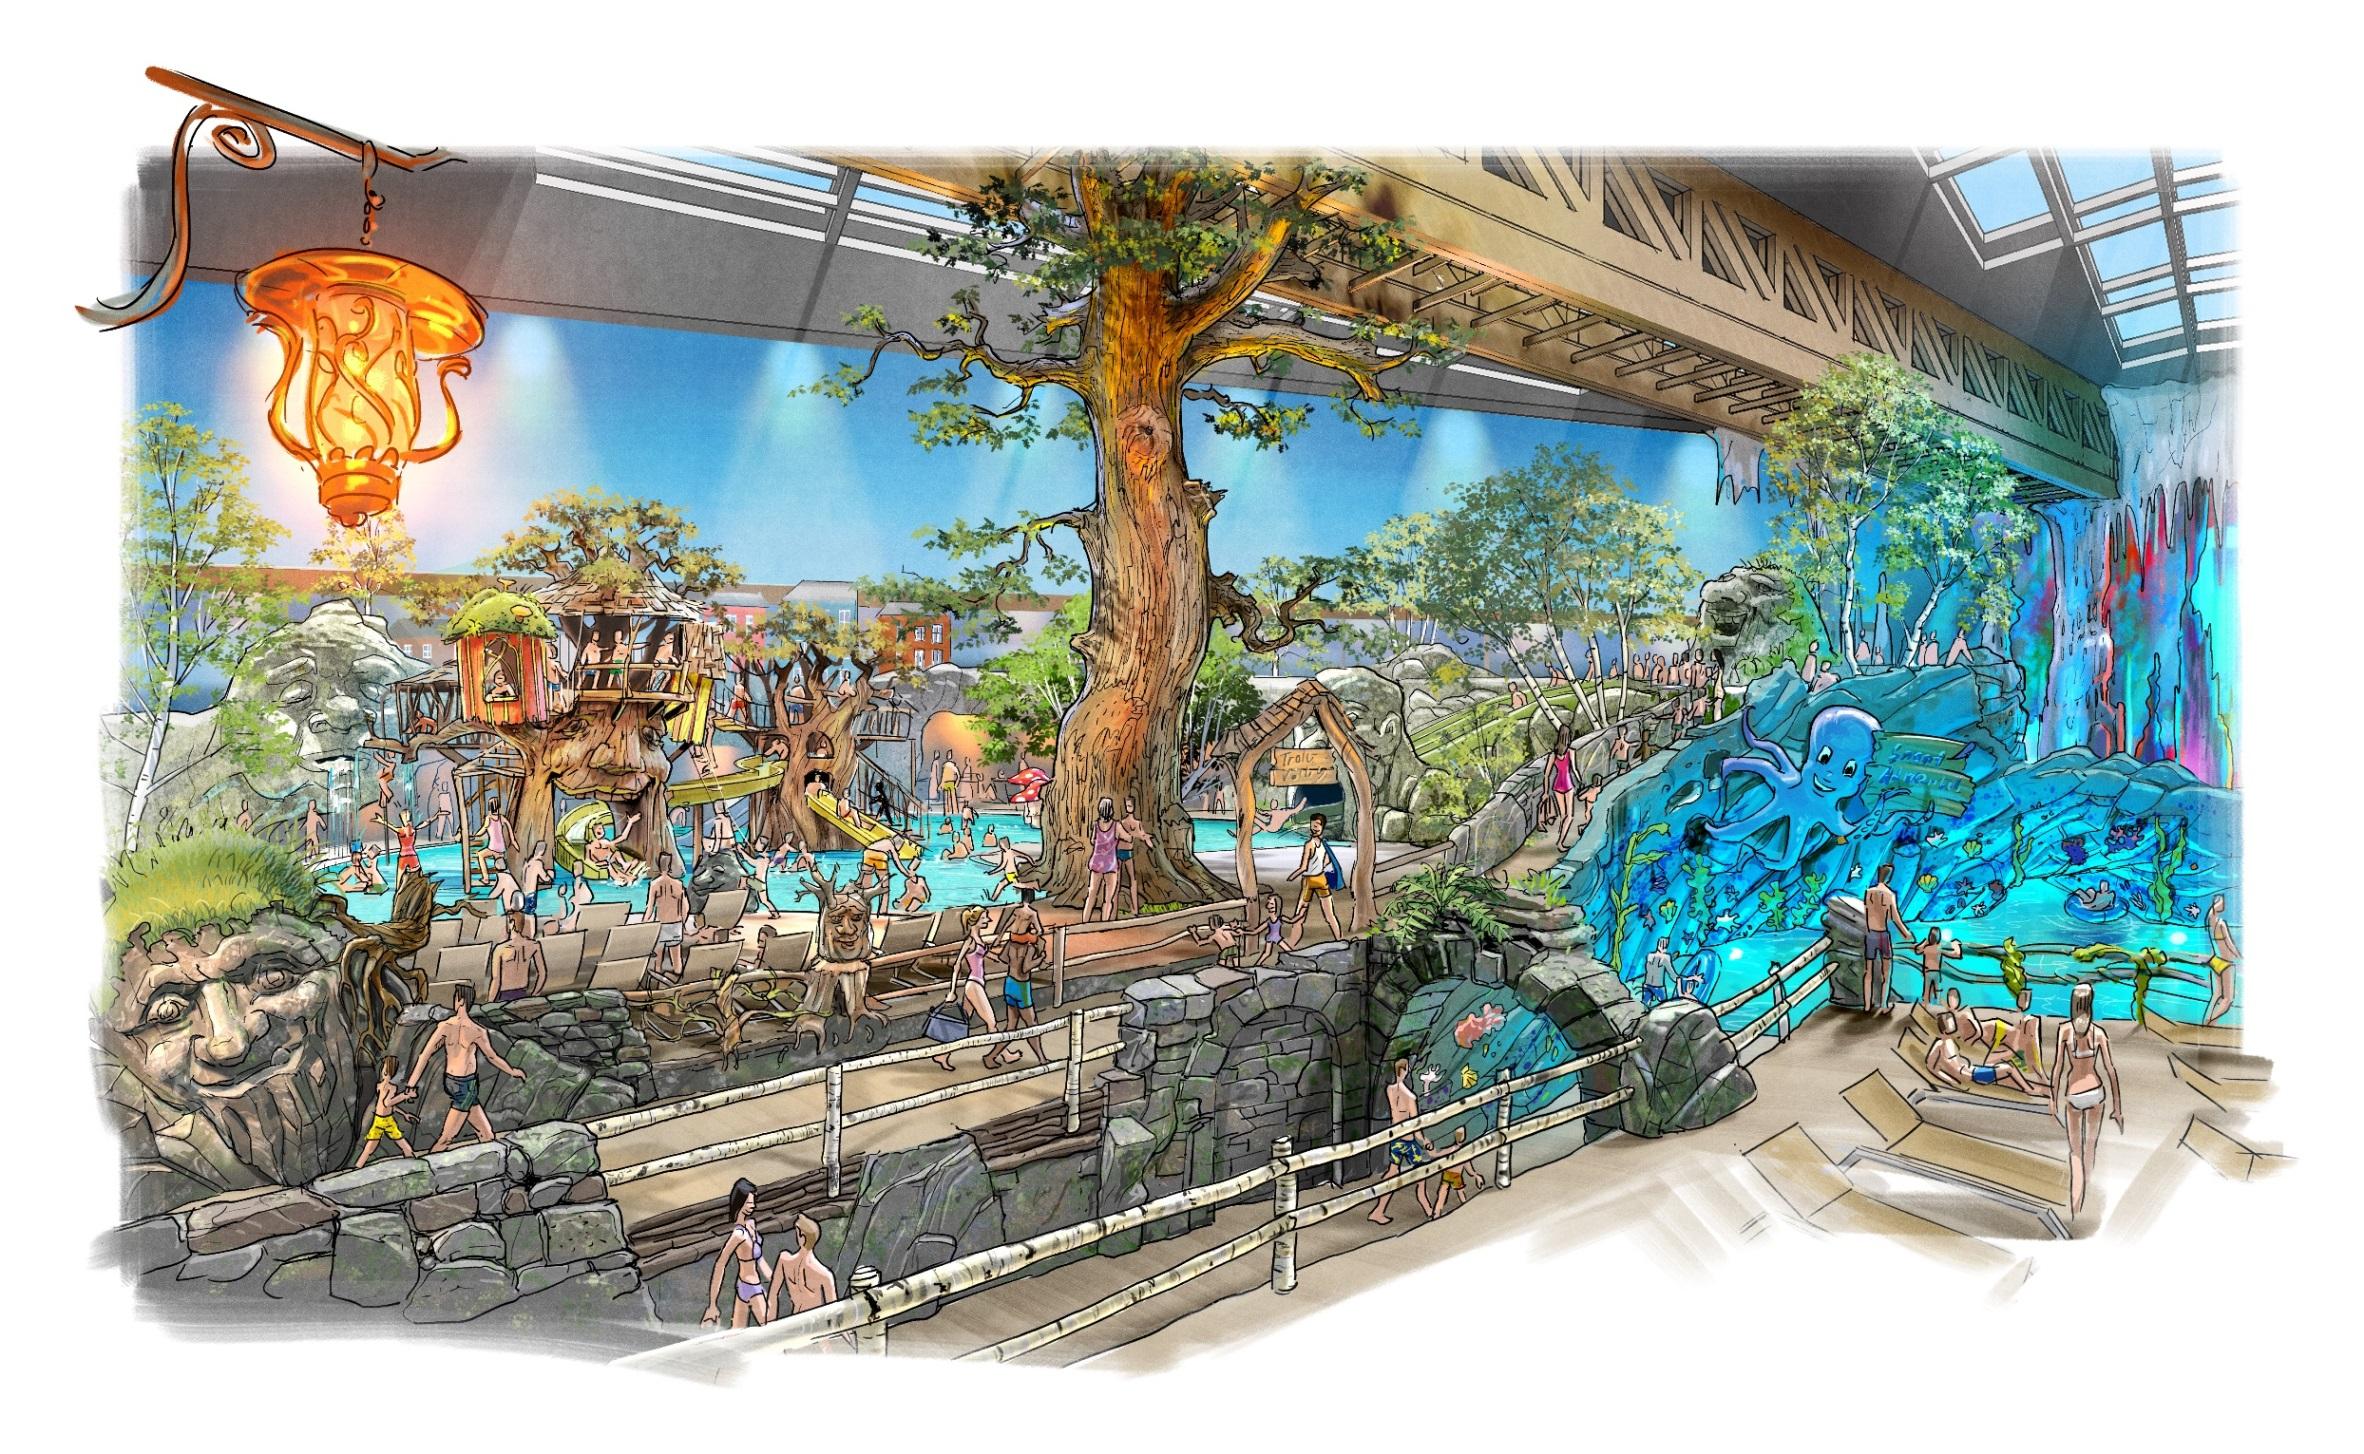 Nouveauté 2019 : Rulantica le parc aquatique d'Europa-Park